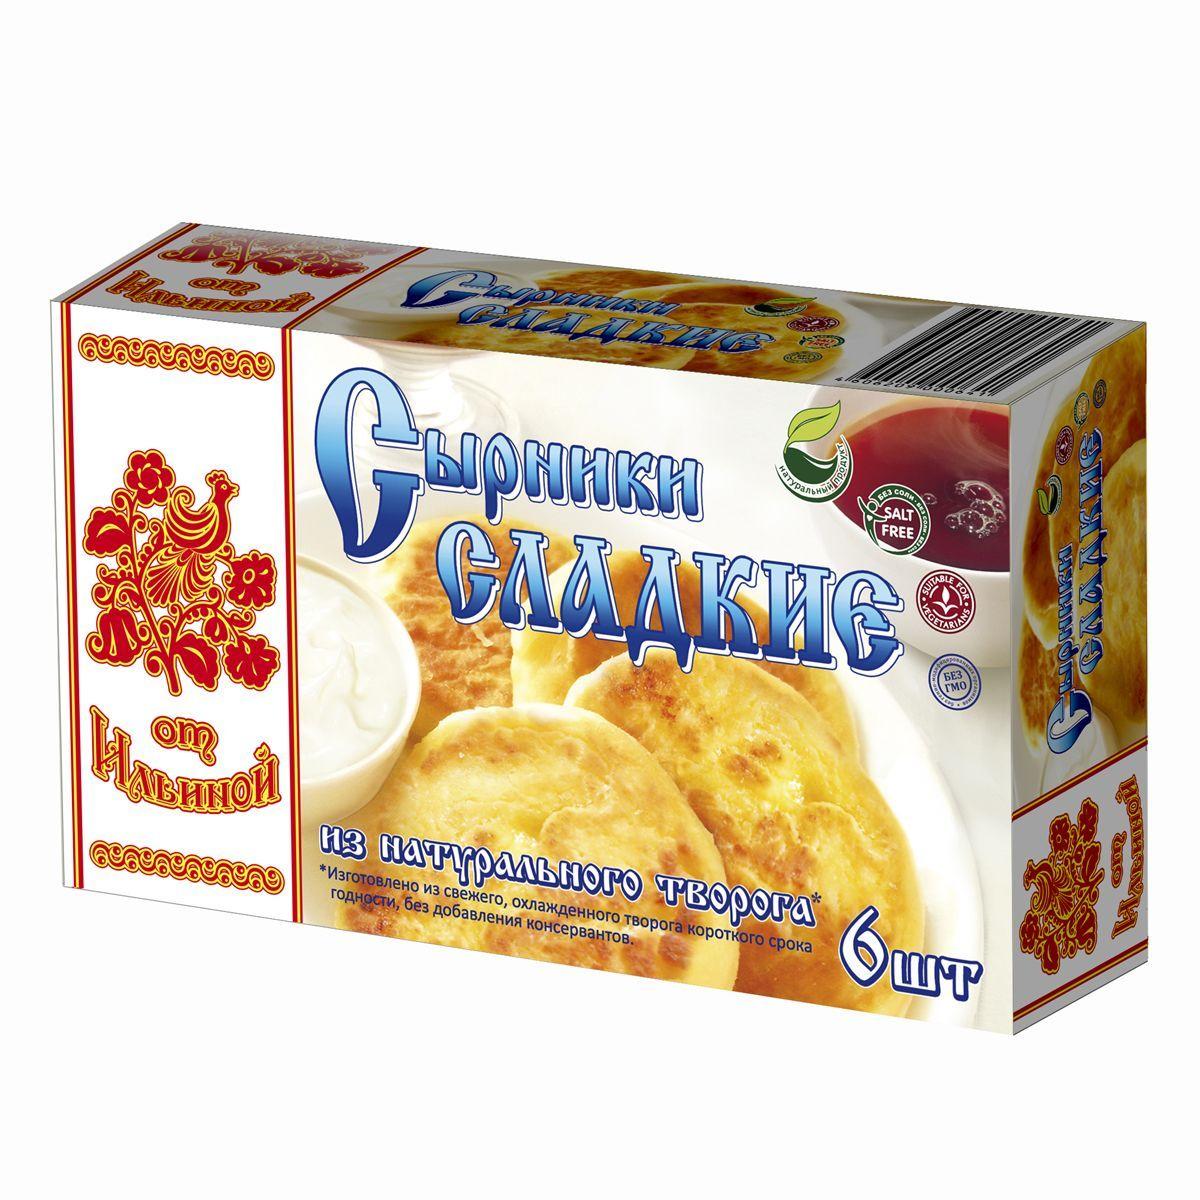 От Ильиной Сырники сладкие, 450 г406По-домашнему вкусные сырники От Ильиной из натурального творога станут прекрасным завтраком для вашей семьи.